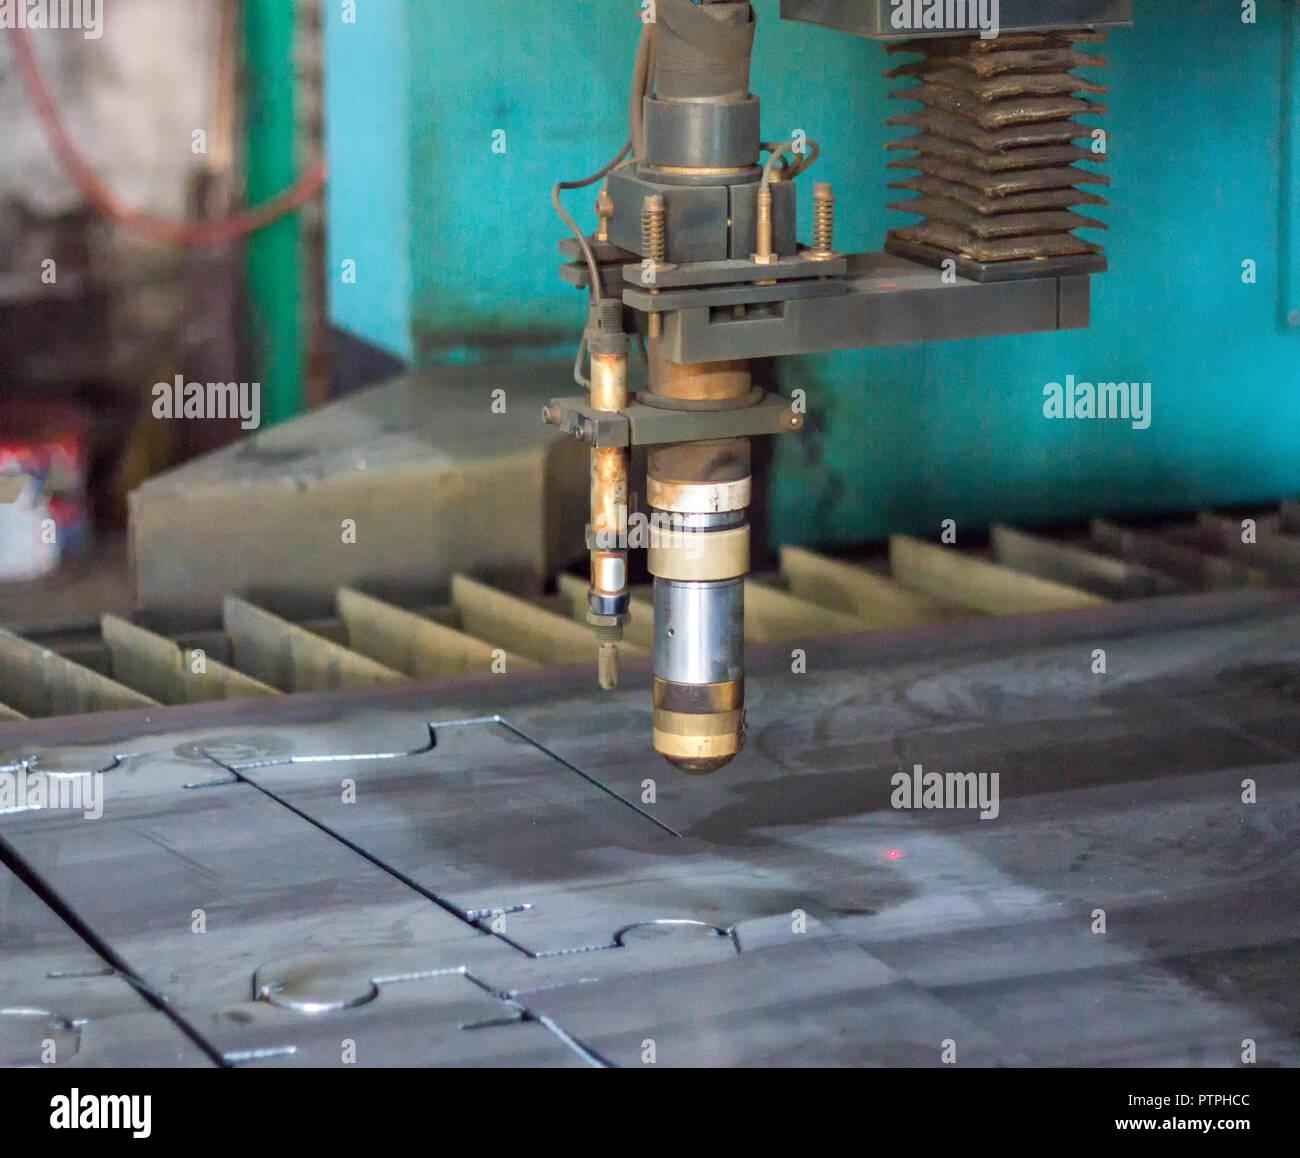 Maschine Fur Den Modernen Plasma Laser Schneiden Von Metall